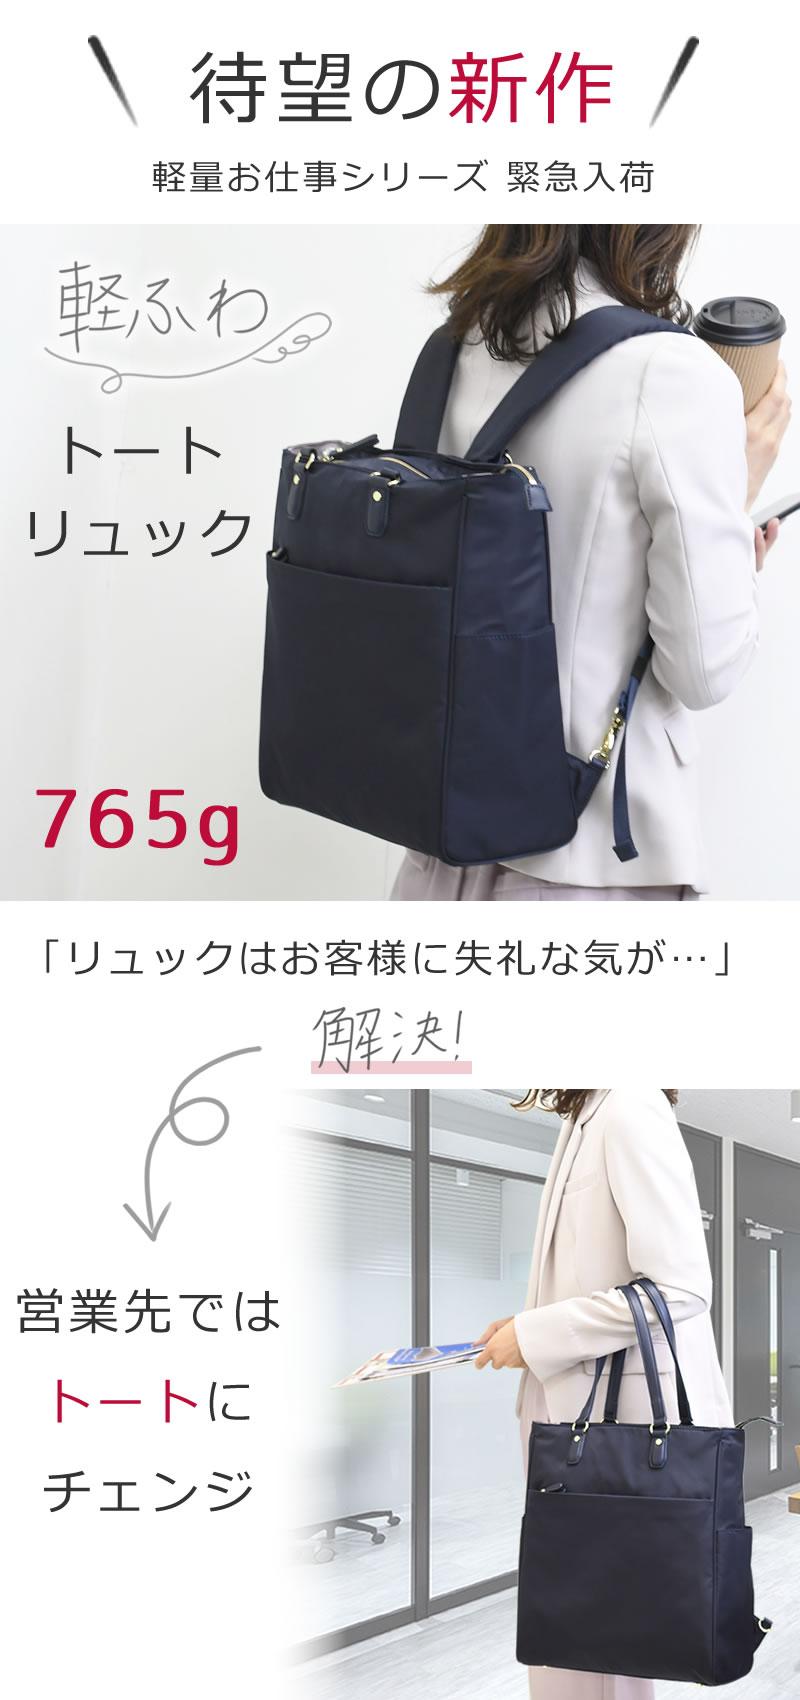 新作紹介29002